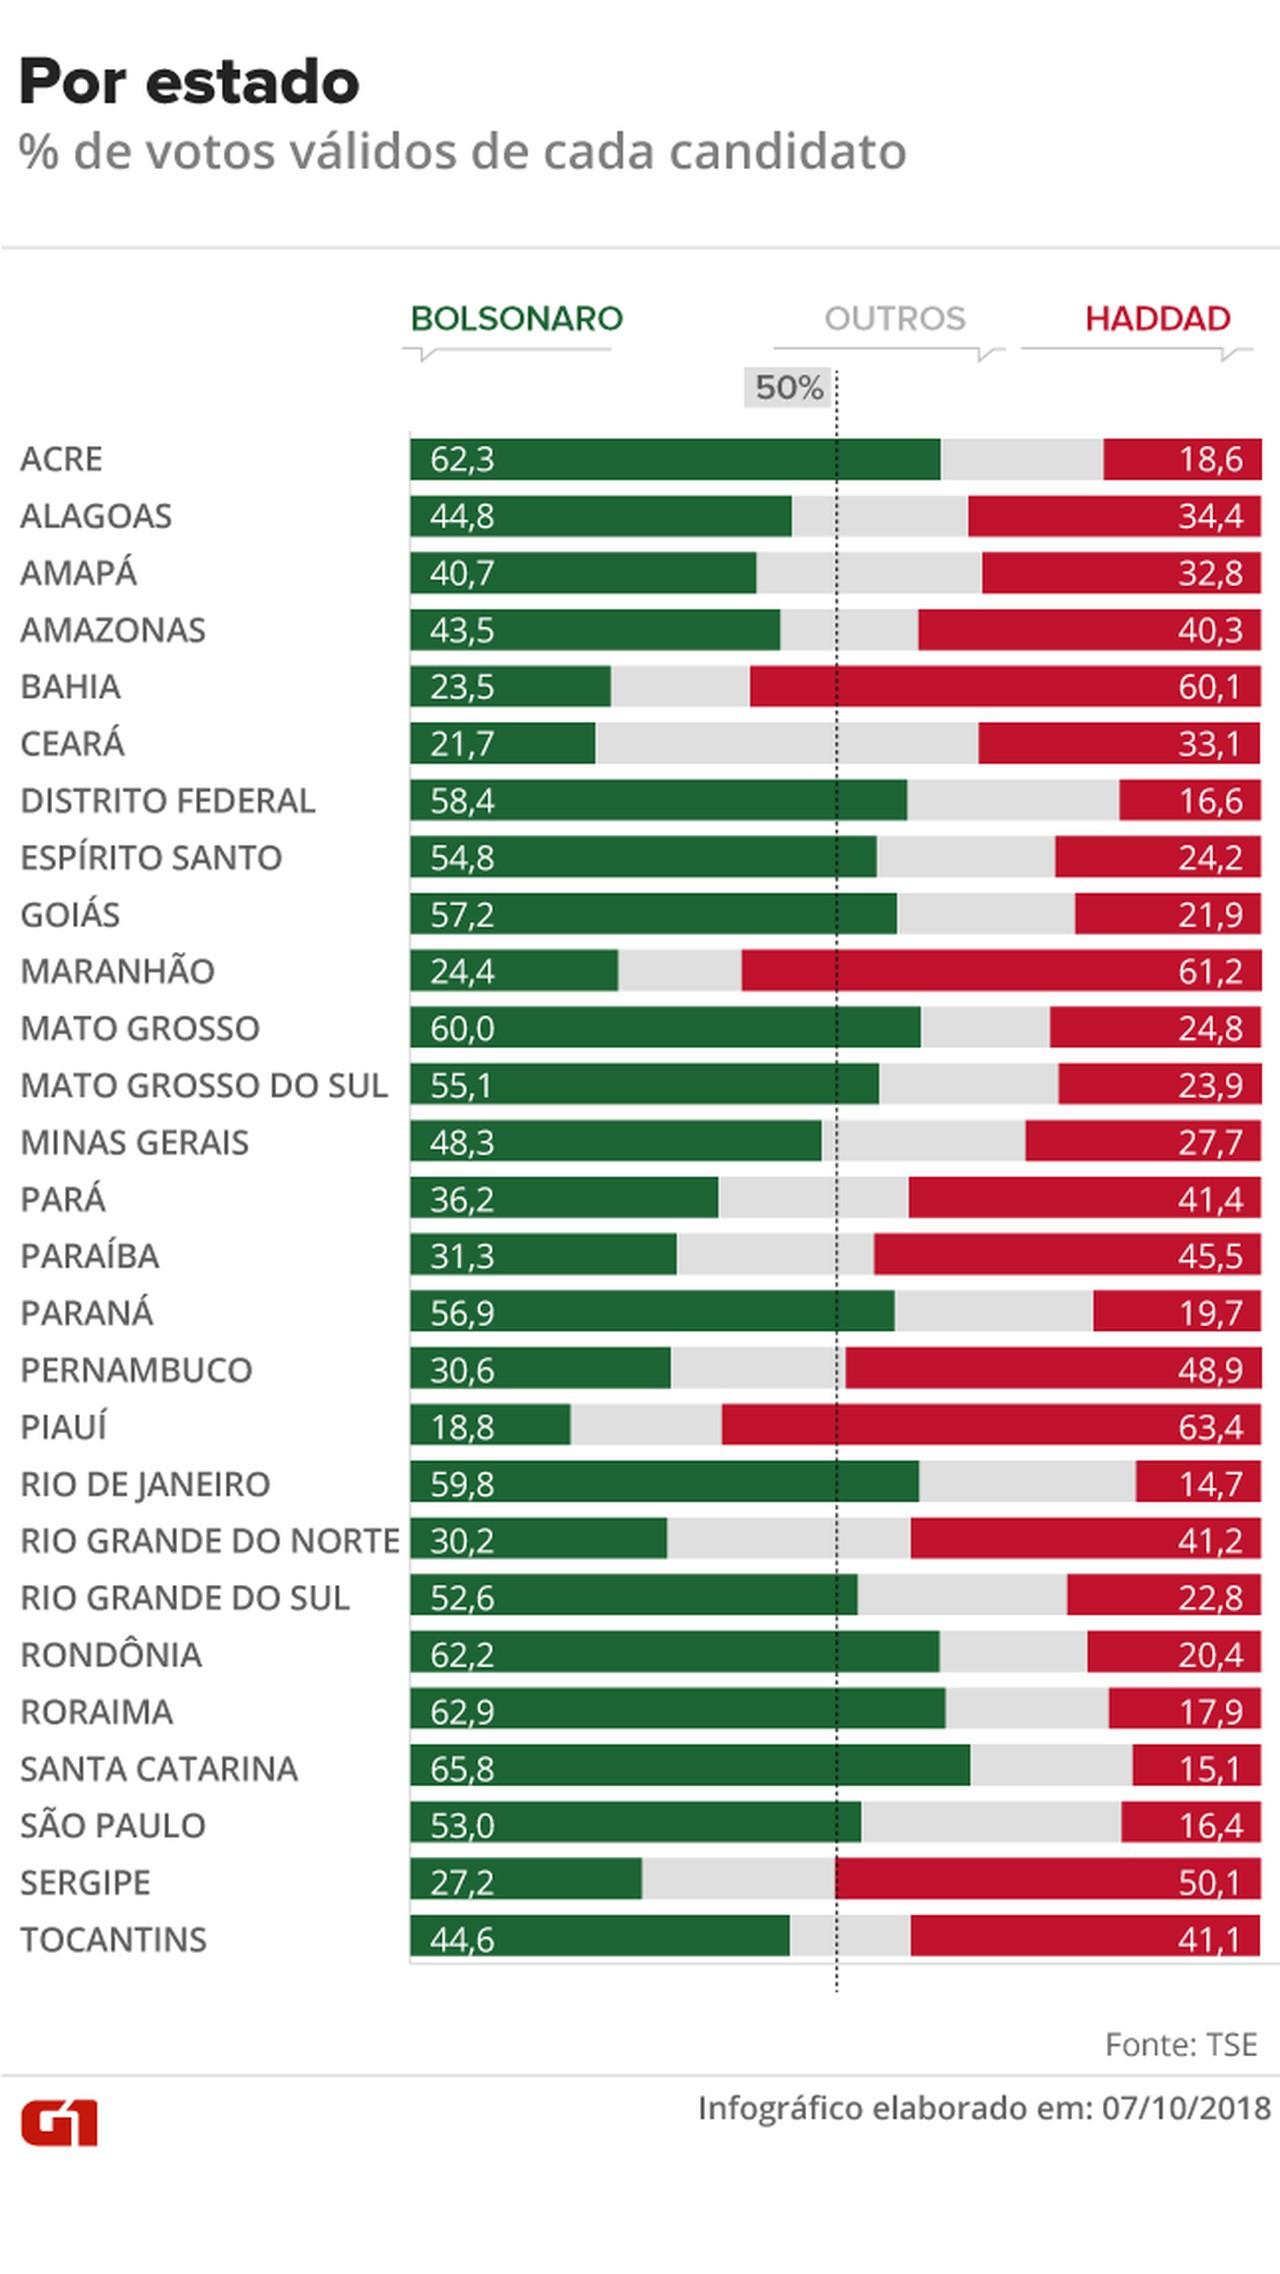 Percentual de votos obtidos por Bolsonaro e por Haddad no 1º turno — Foto: Rodrigo Cunha/G1